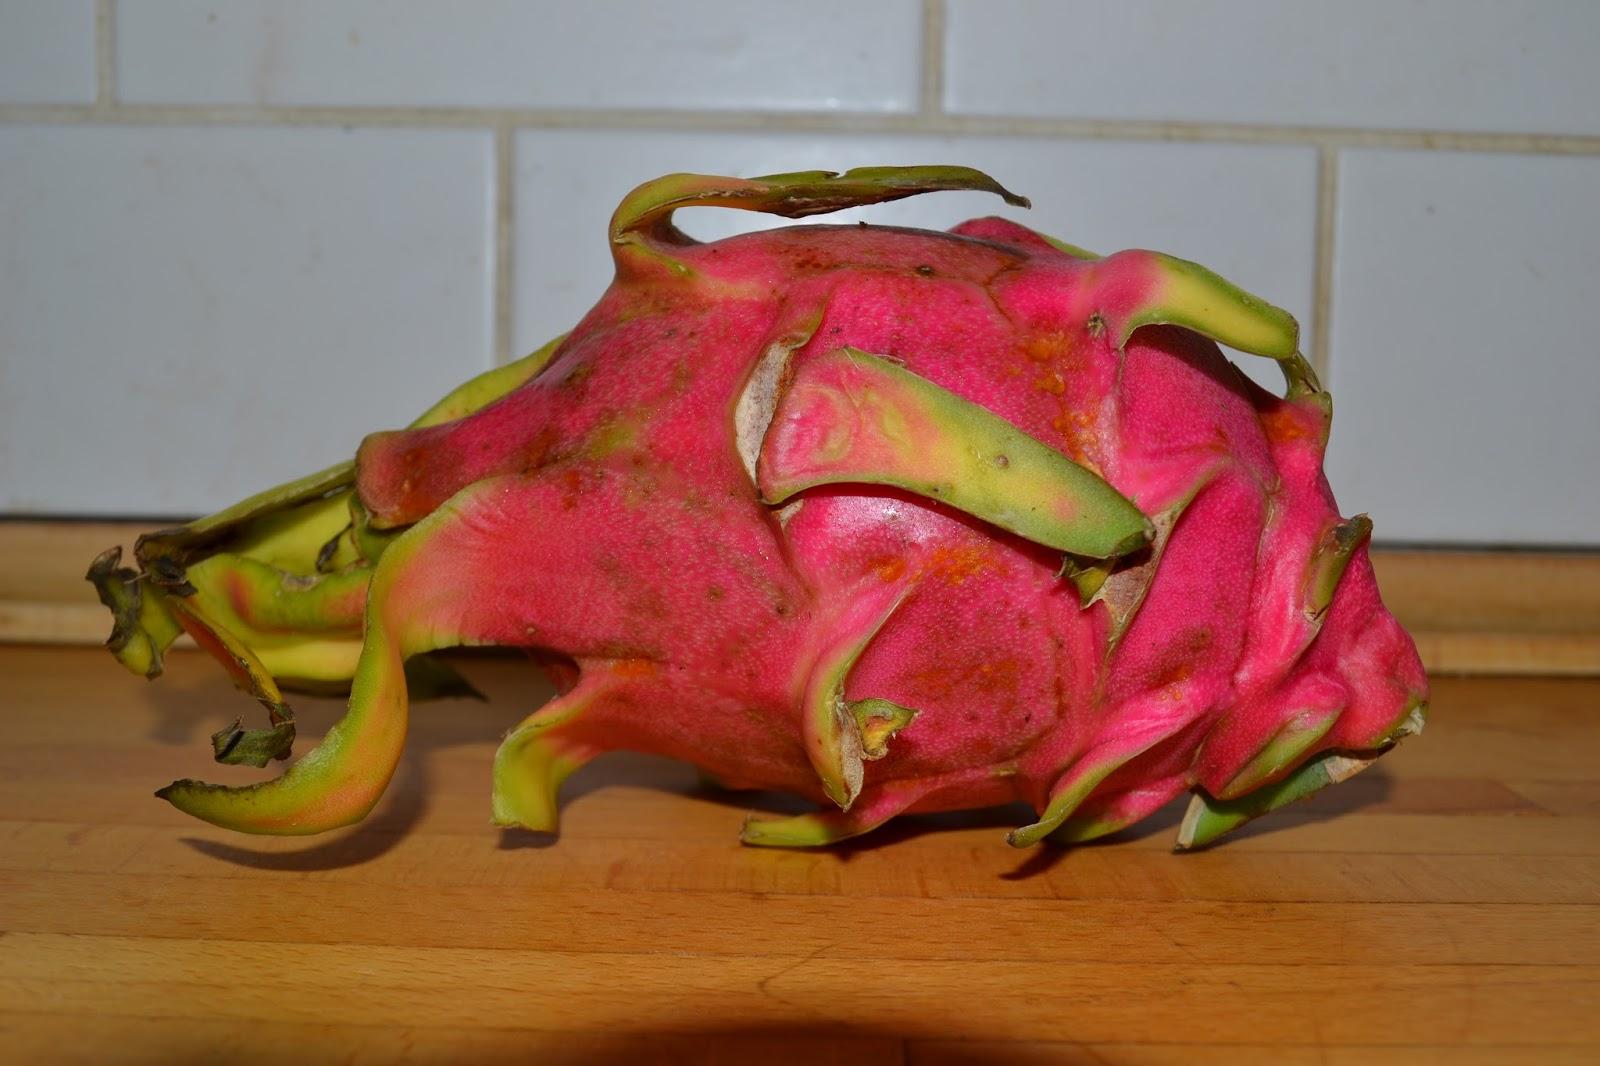 mærkelige frugter